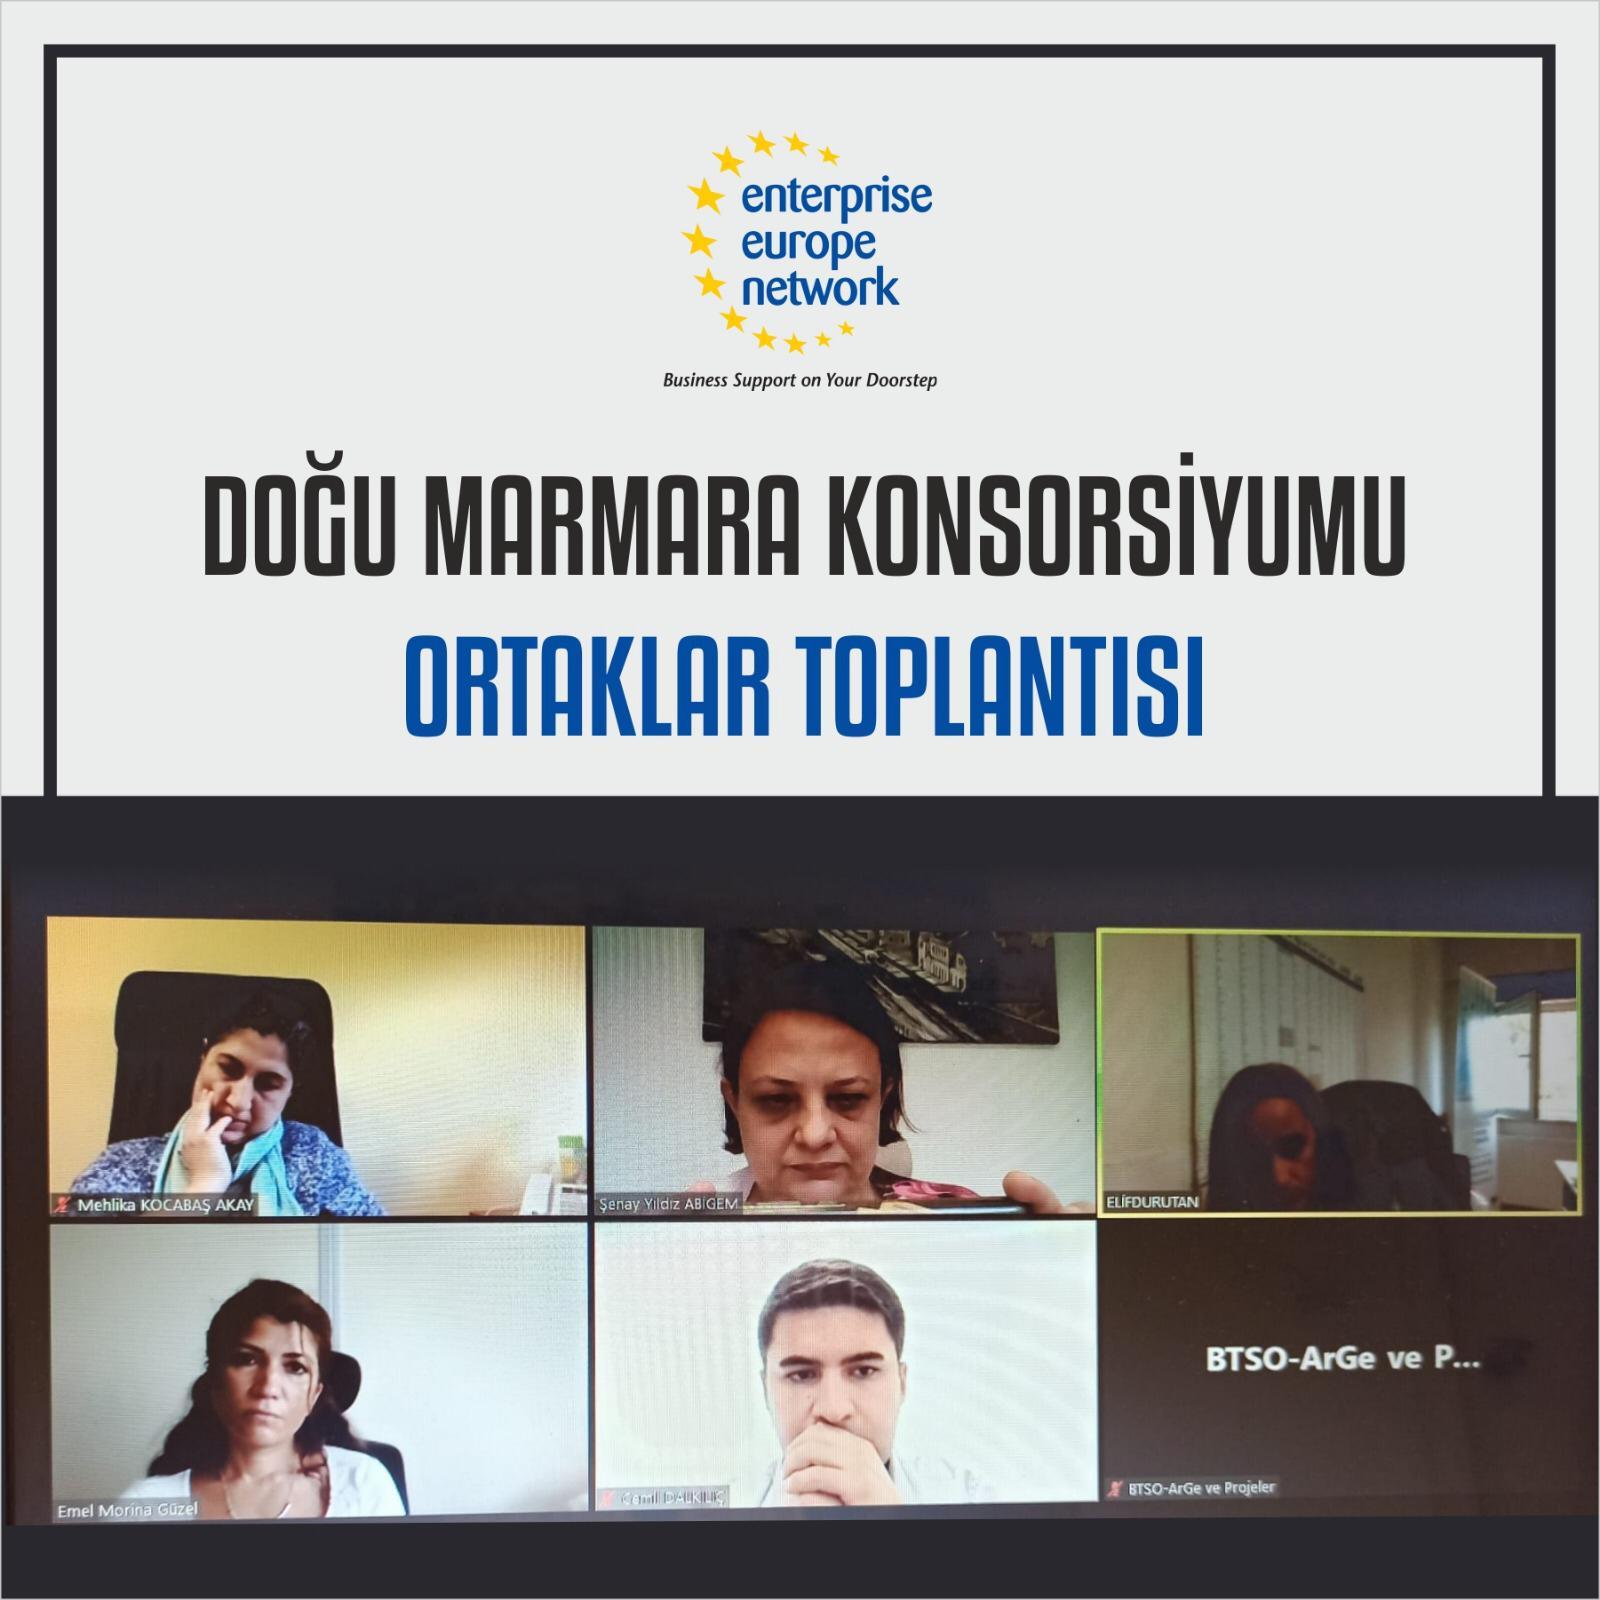 Doğu Marmara Konsorsiyumu ortaklar toplantısı gerçekleştirildi.